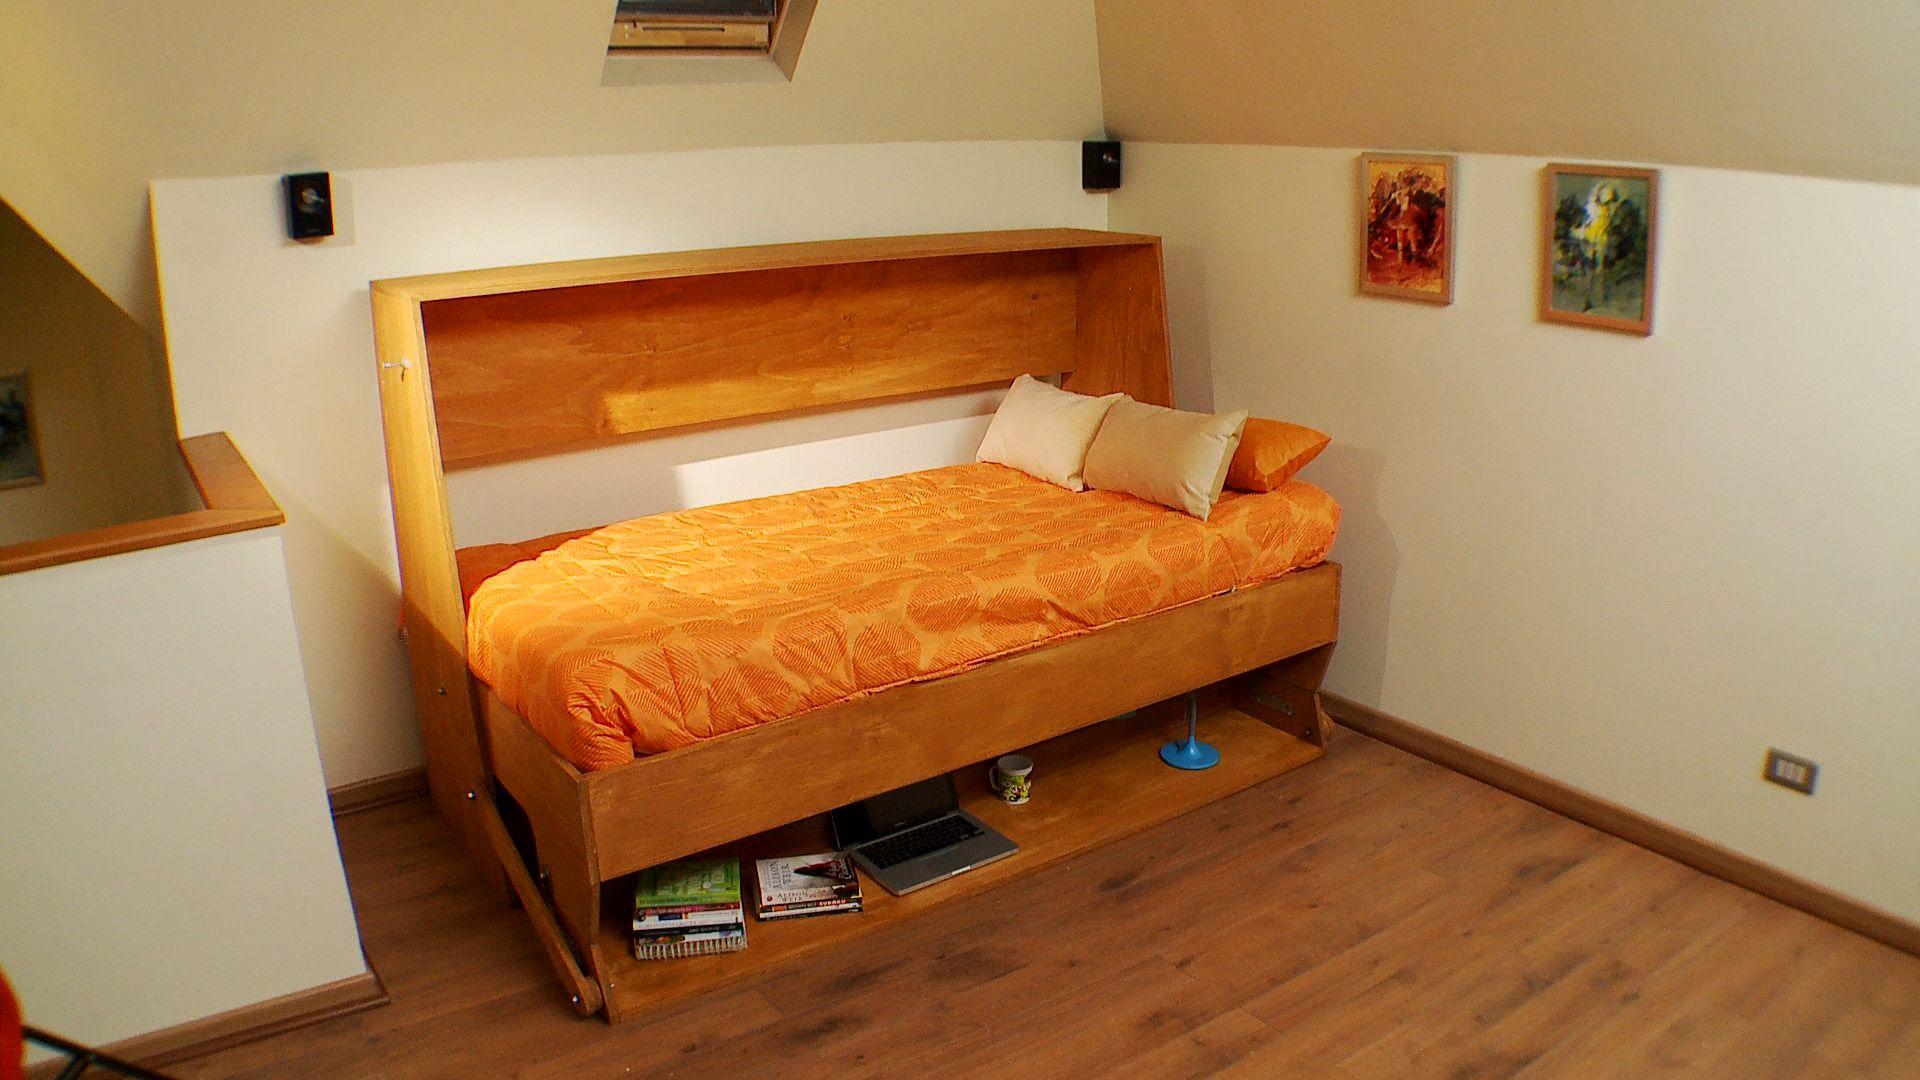 En este proyecto vamos a hacer un mueble para aprovechar muy bien el espacio se trata de un - Construir cama abatible ...